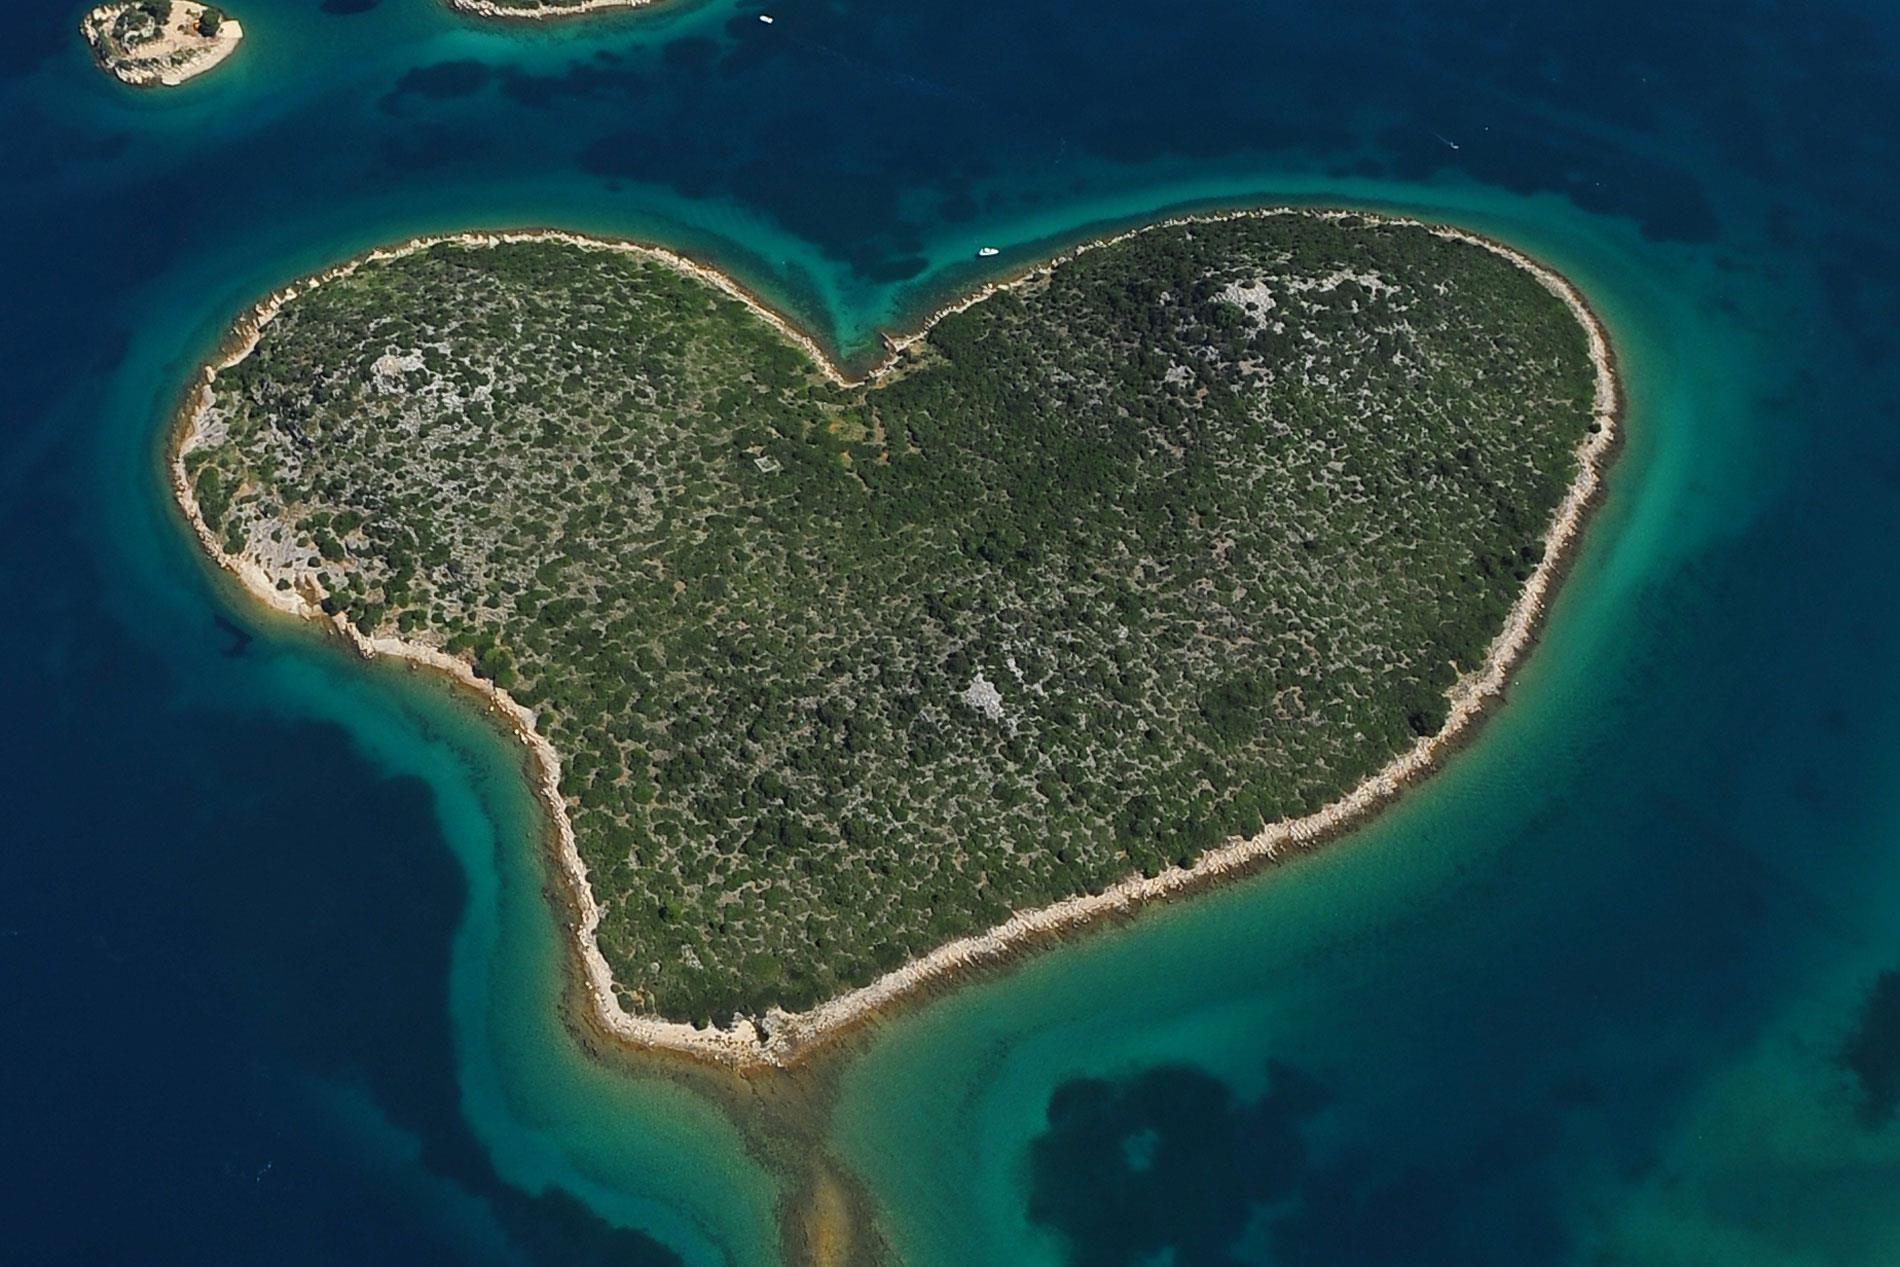 Op Valentijnsdag was het hartvormige eilandje Galesnjak, aan de kust van Kroatië, een populaire bestemming voor liefdeskoppels